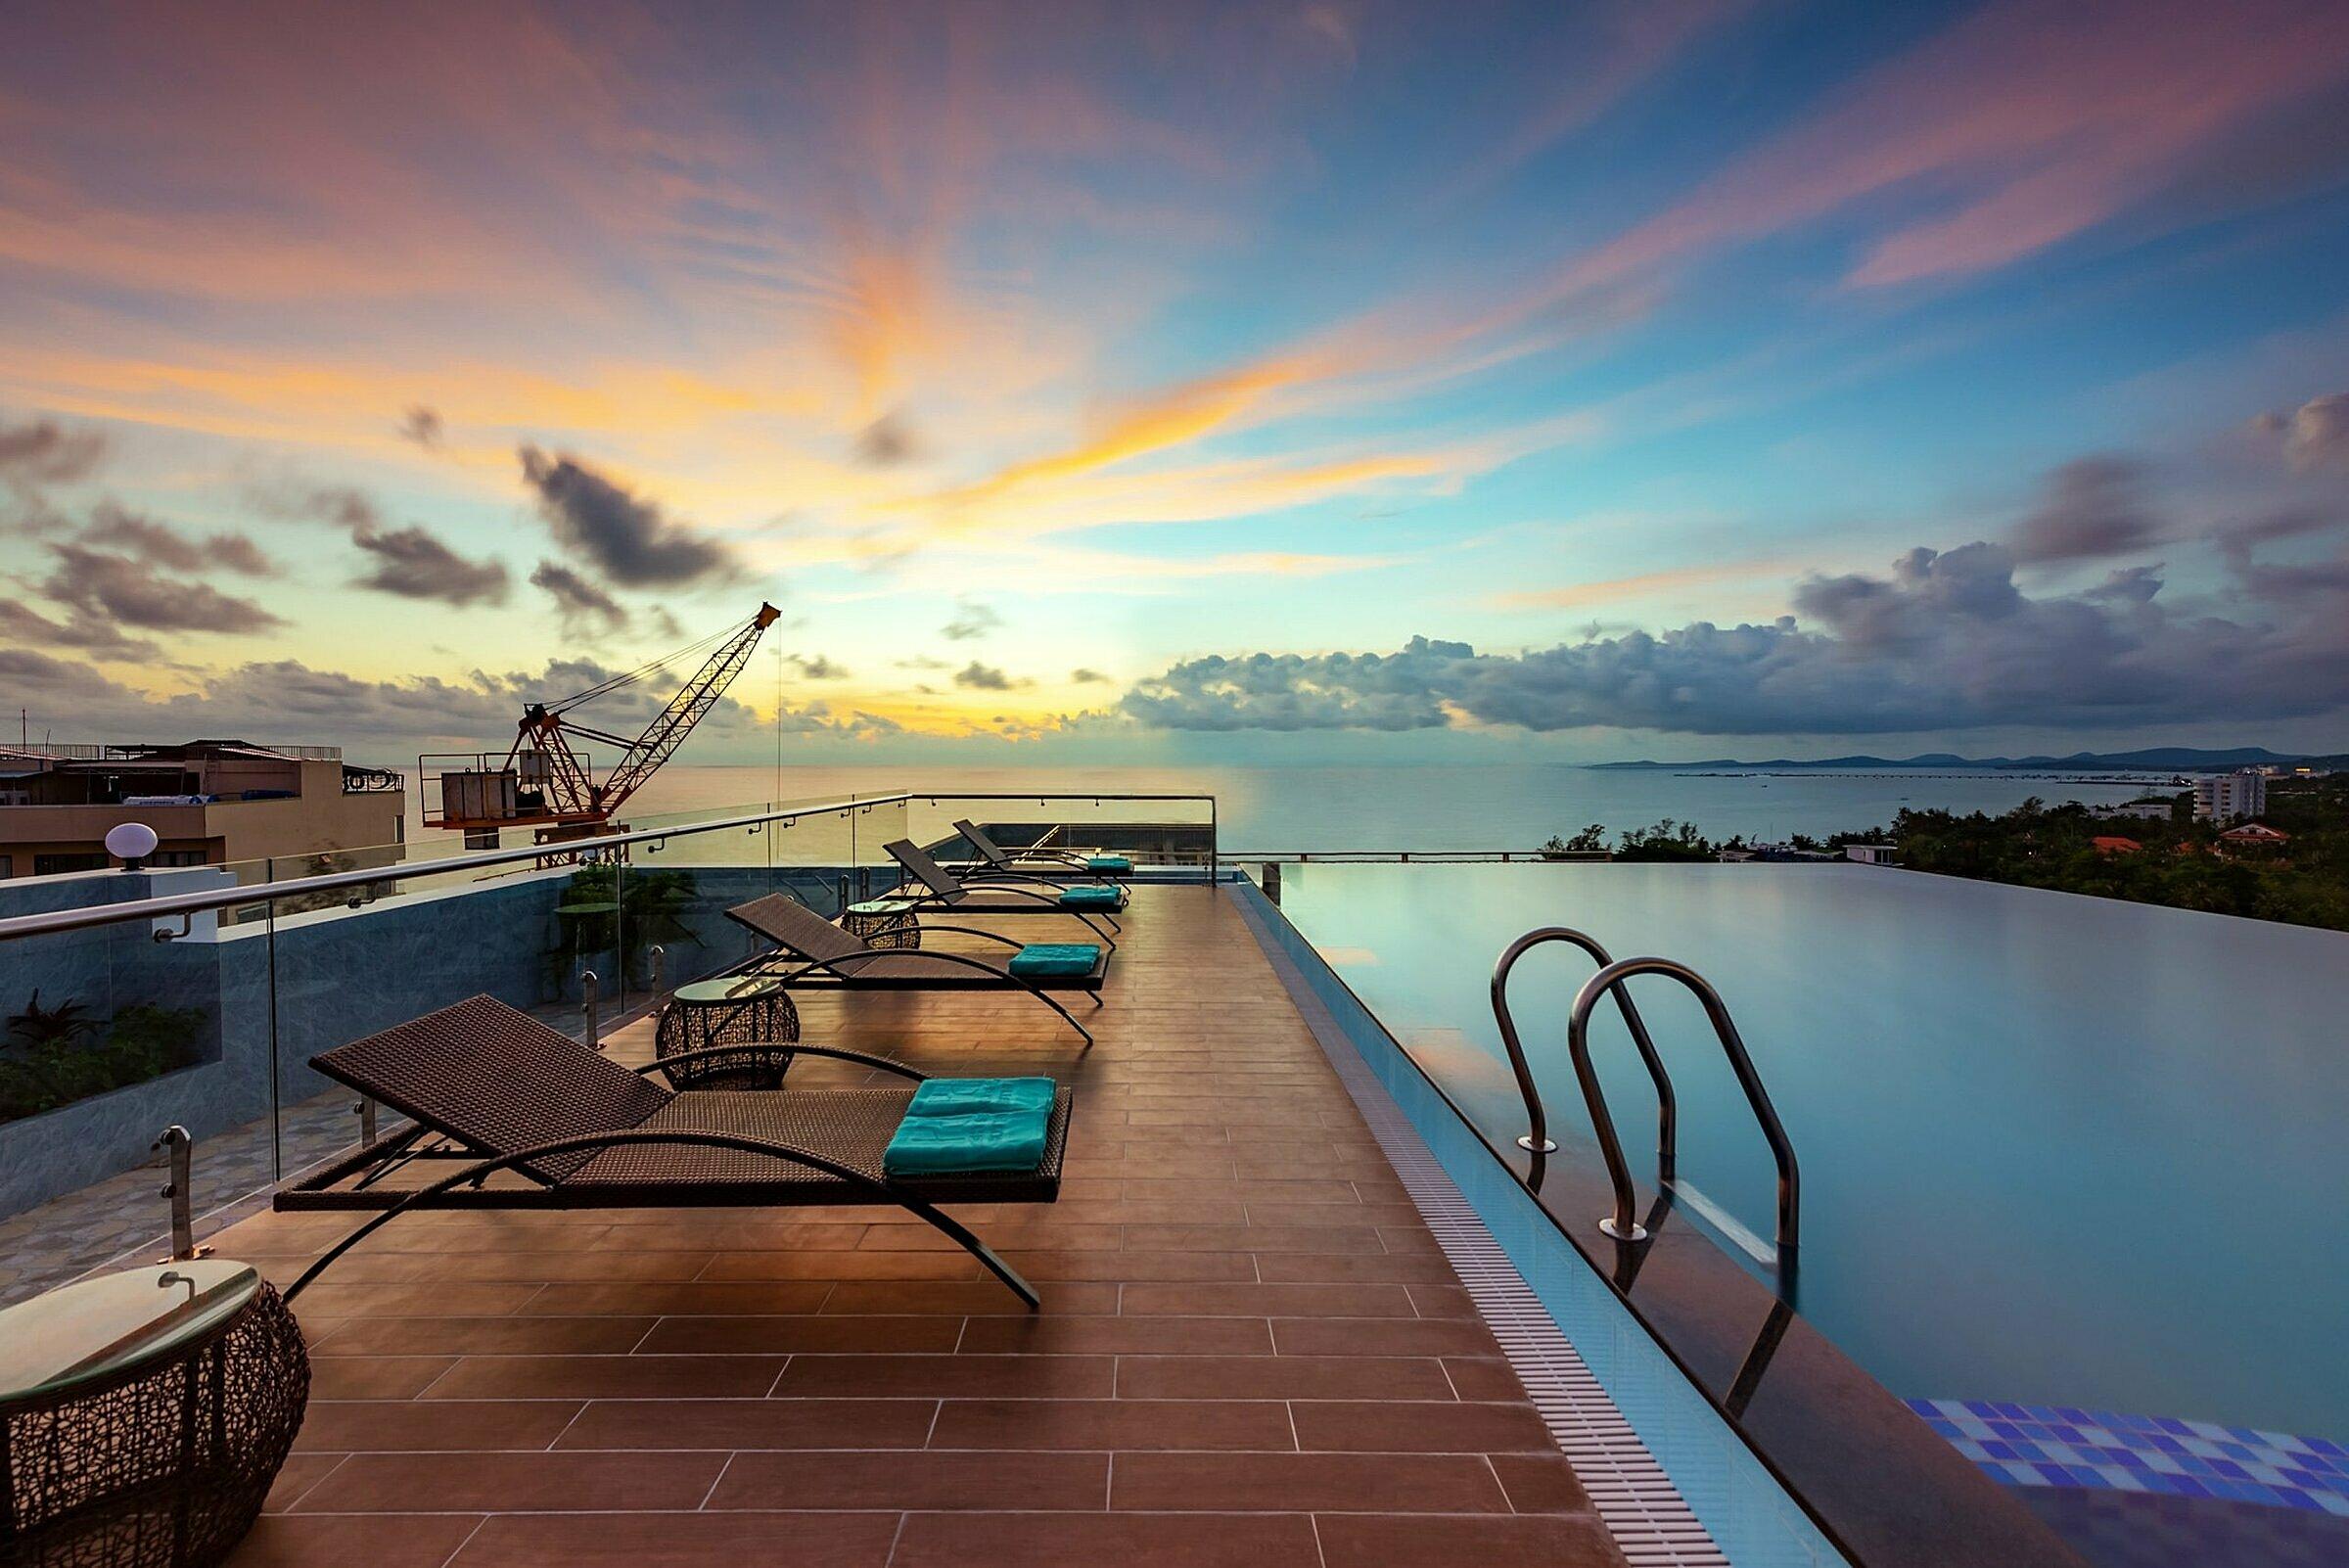 Khách có thể ngắm cảnh biển và thành phố Phú Quốc từ bể bơi trên sân thượng của khách sạn.